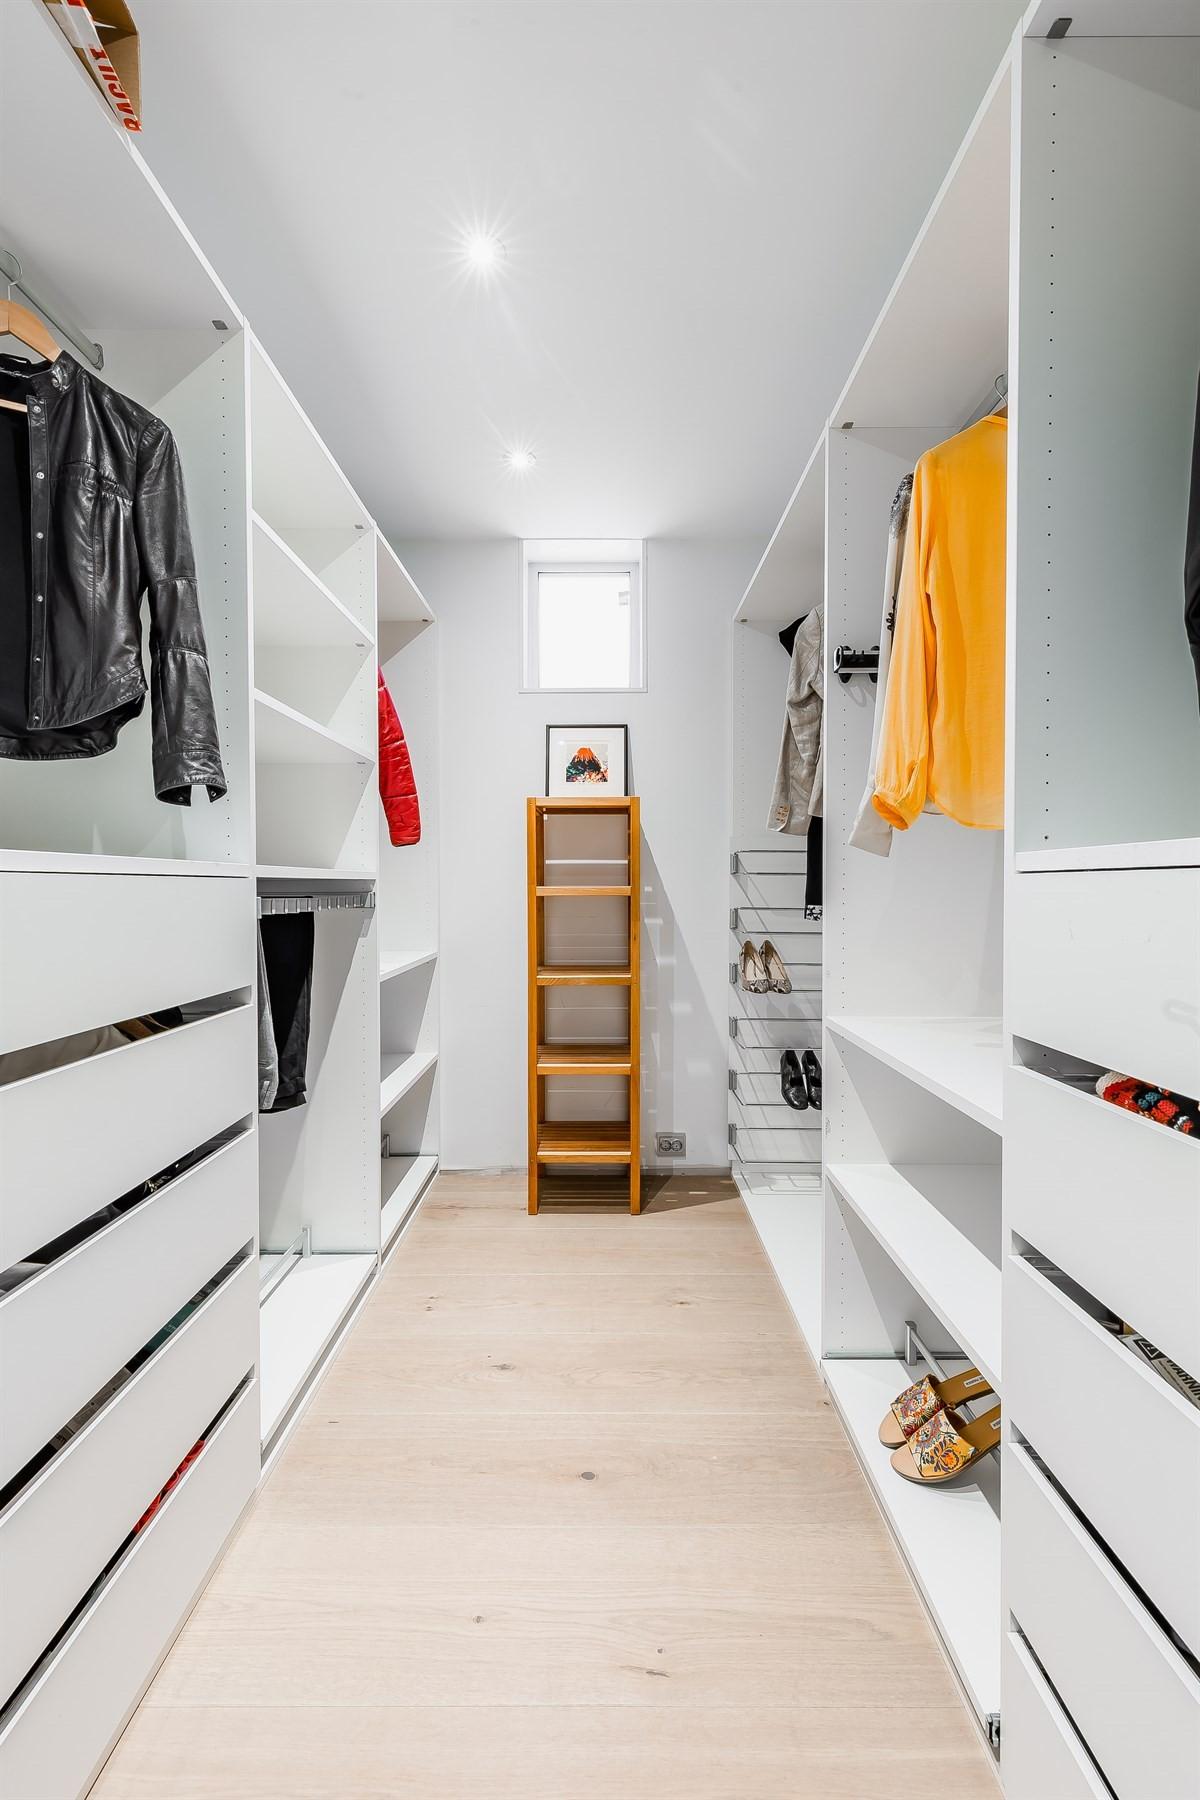 Stor walk-in garderobe med monterte dowlights i taket